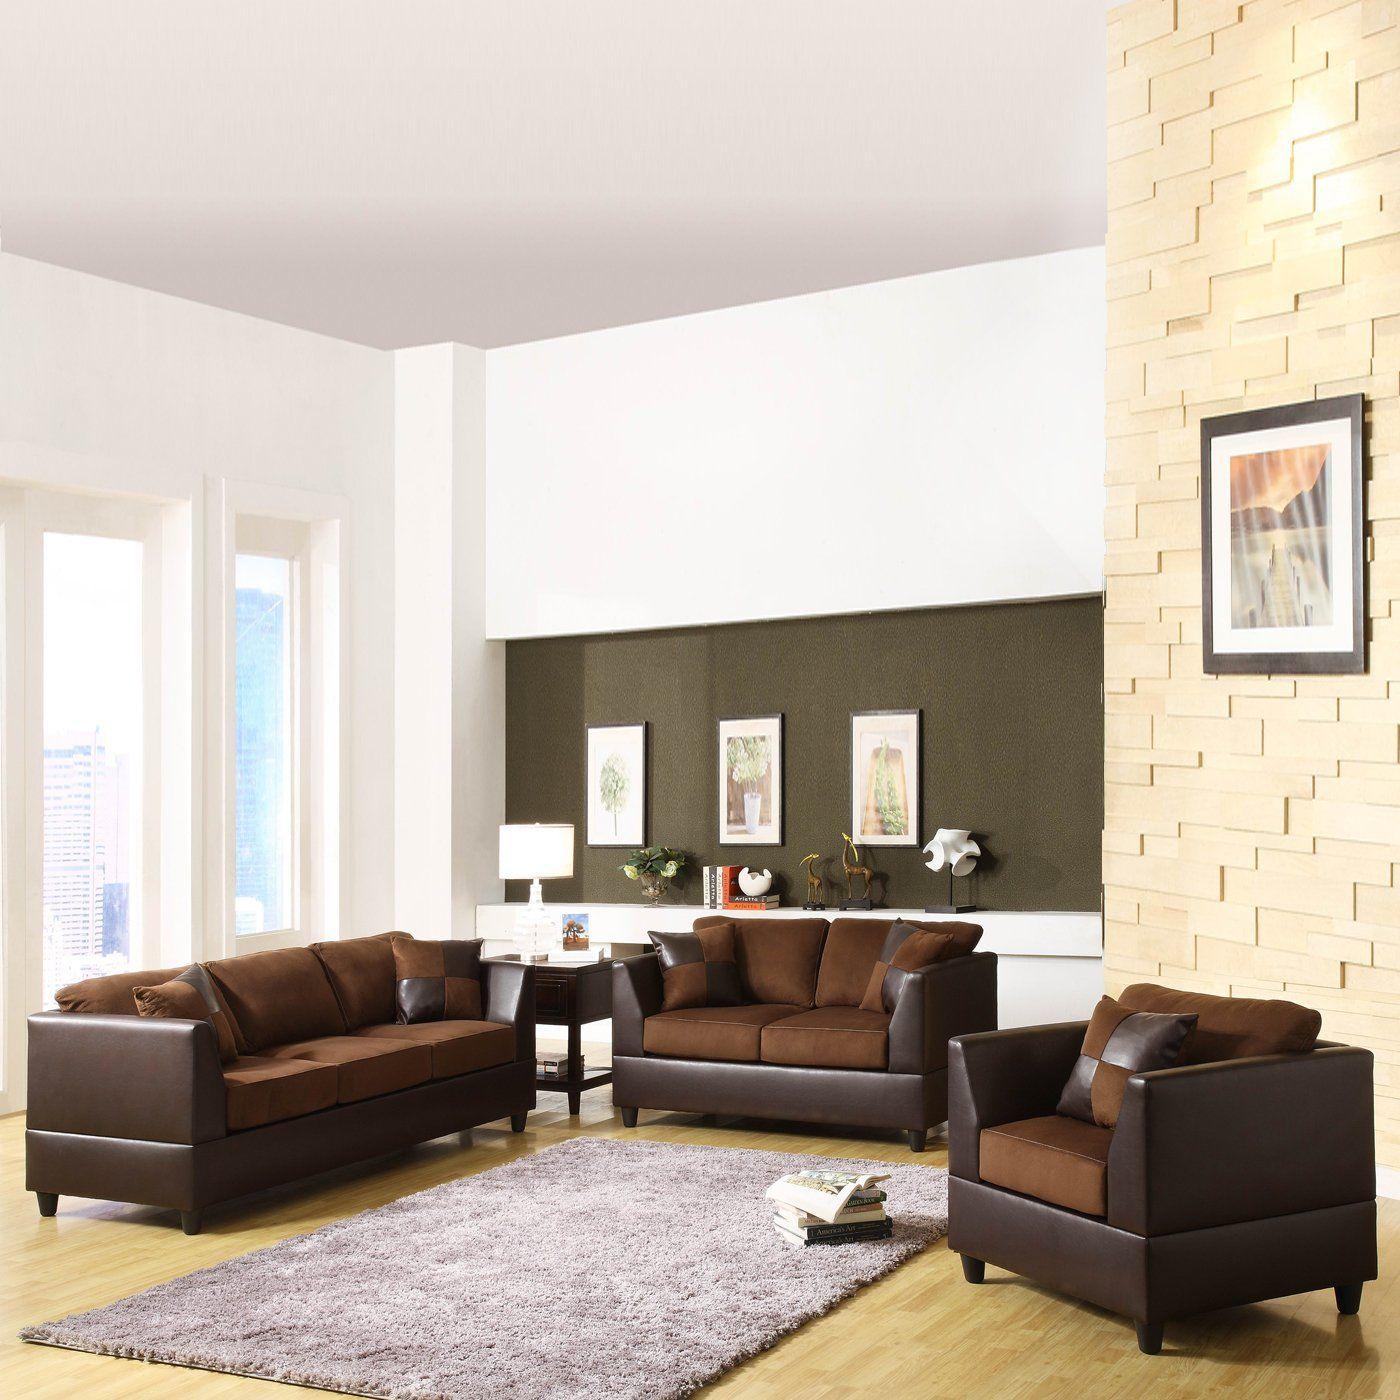 Homelegance sundance sofa set home furniture showroom franklin